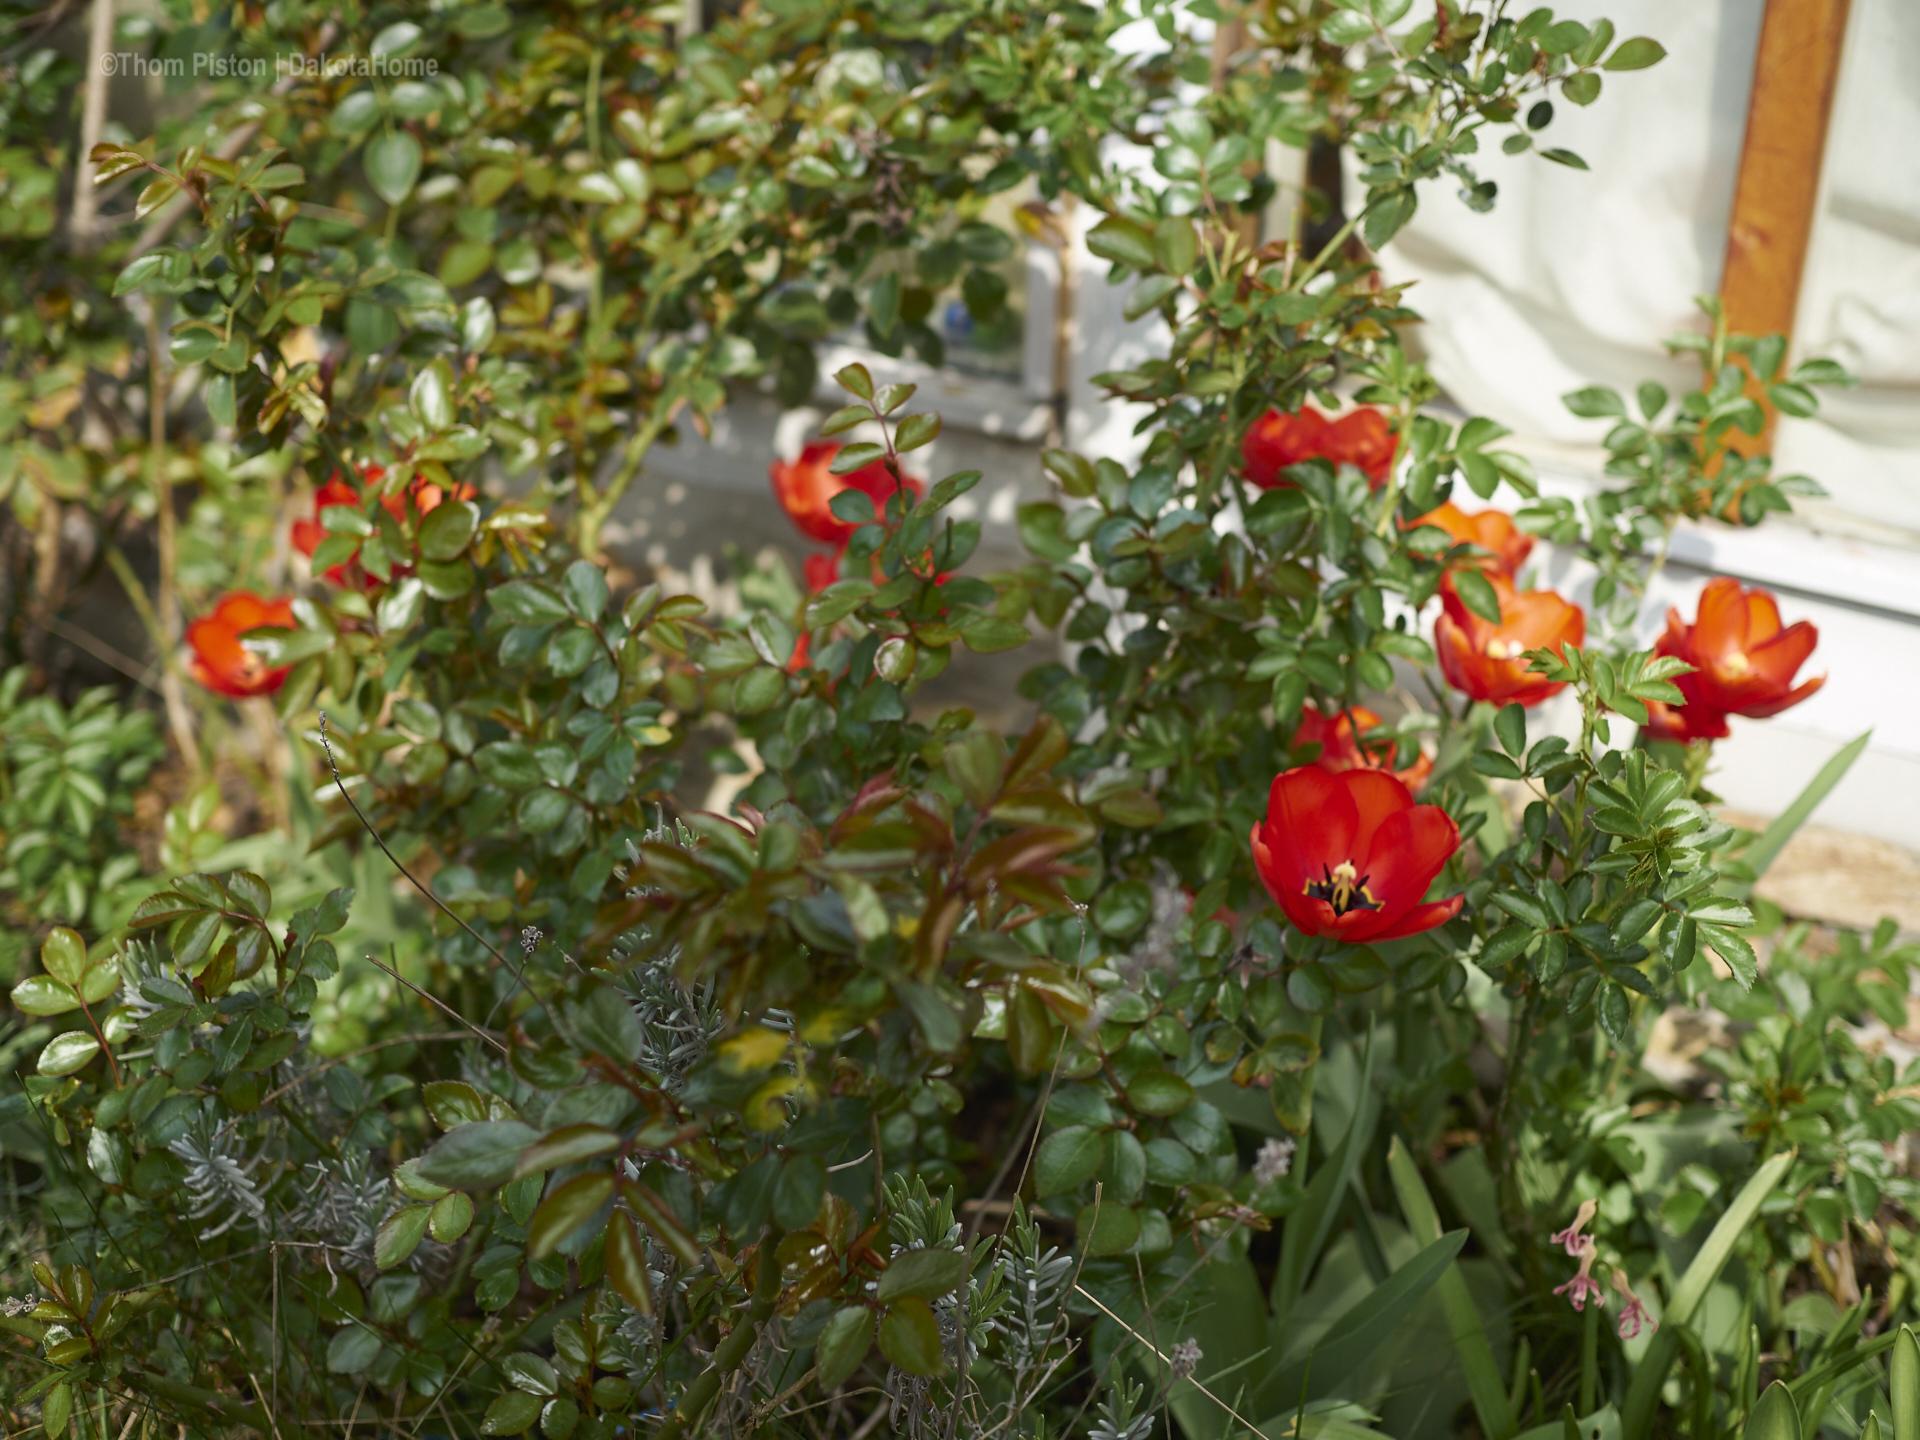 überall Tulpen..warum auch immer..aber ihr seht wir könn auch Blumen..haha